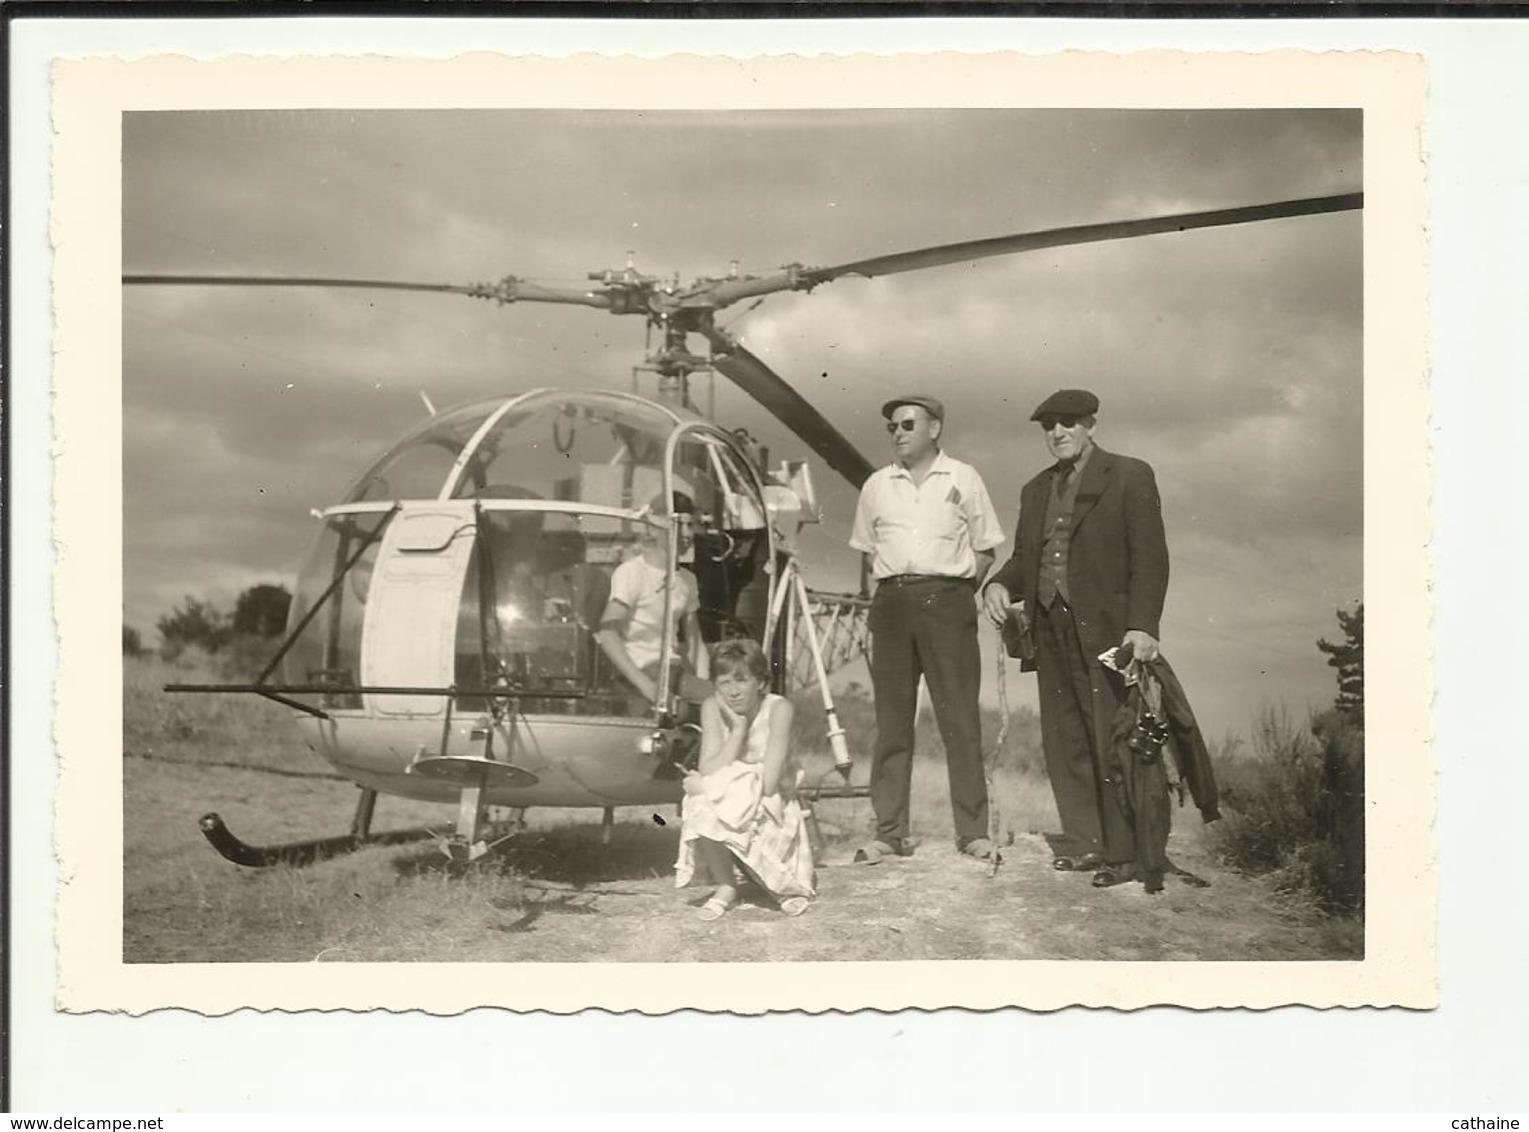 63 .CIRCUIT AUTOMOBILE DE CHARADE  .CLERMONT  ROYAT  SIX PHOTOS D UNE COURSE ALPINE . HELICOPTERE DE SURVEILLANCE - Cars